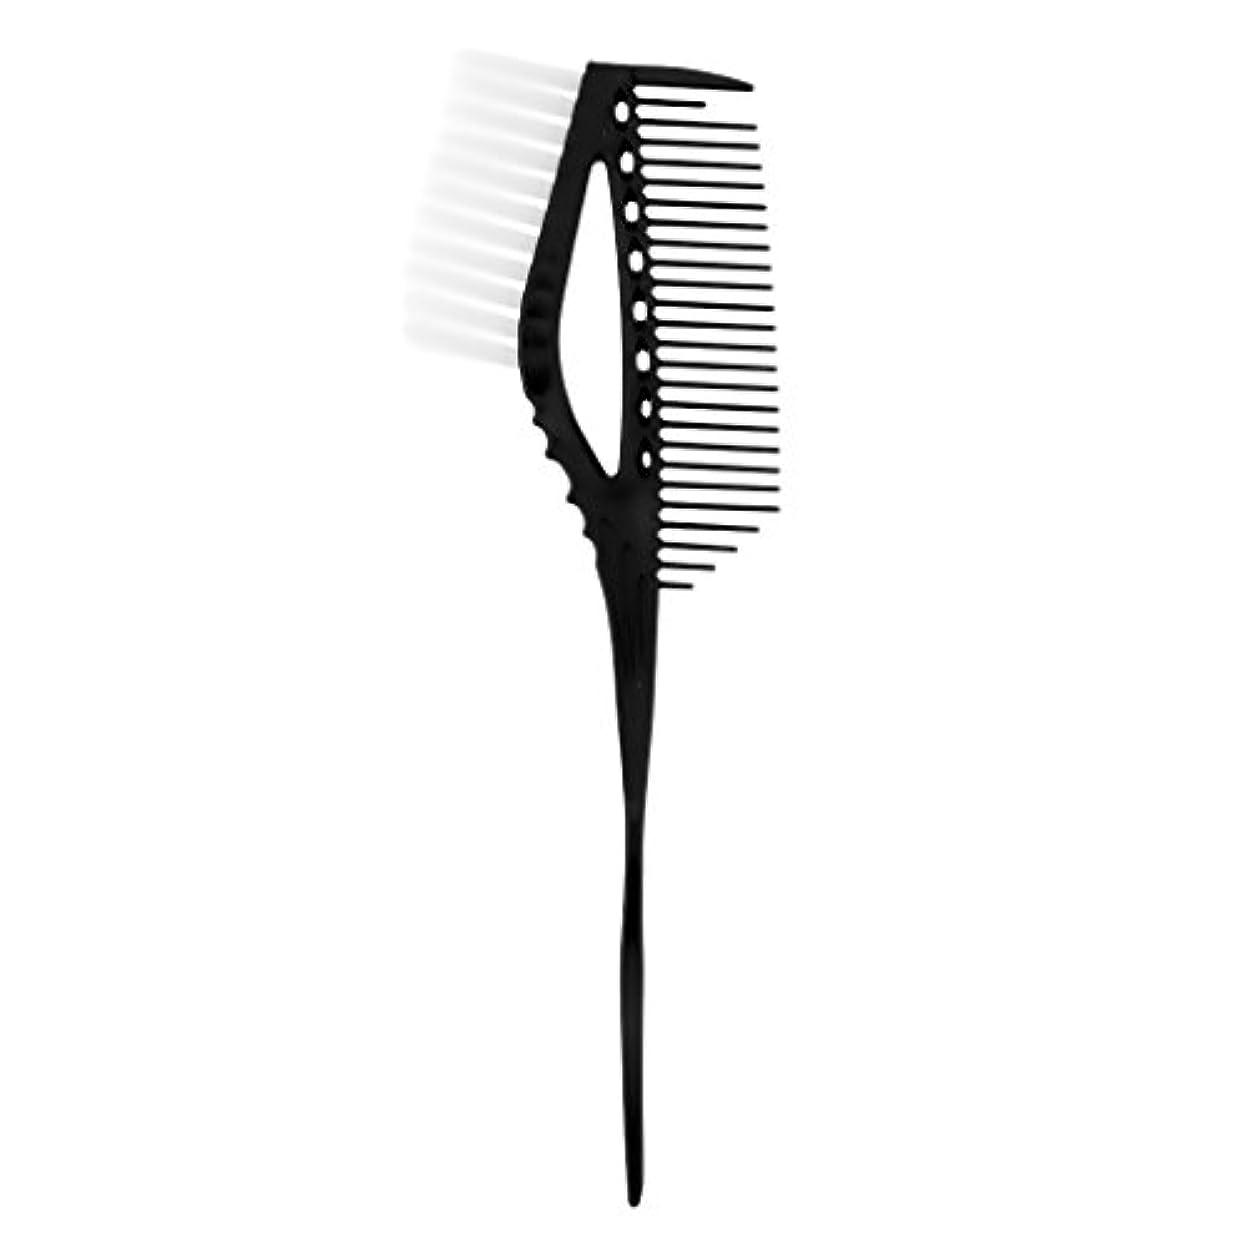 パンサー一貫性のない外向きPerfk ハイライト櫛 ヘアコーム ヘアブラシ ヘアカラー 色合い 染めブラシ ミキシングブラシ 3色選べる - ブラック